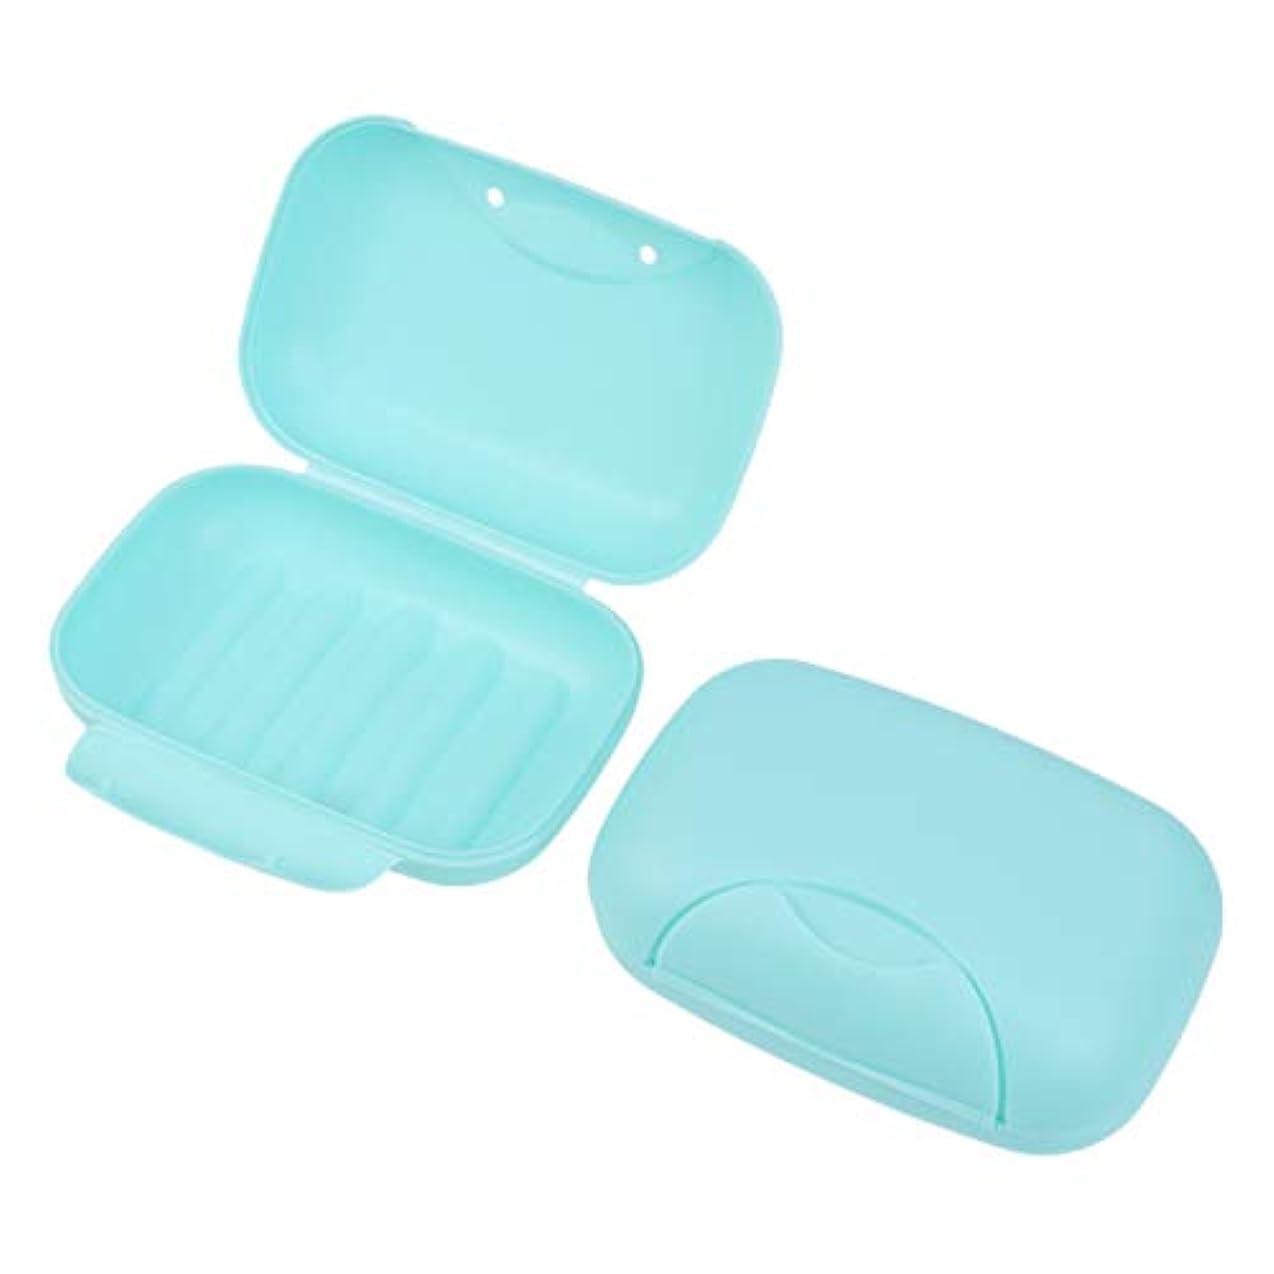 無限大機密病弱Healifty 旅行用ソープボックス防水石鹸皿ソープホルダー2個(青)